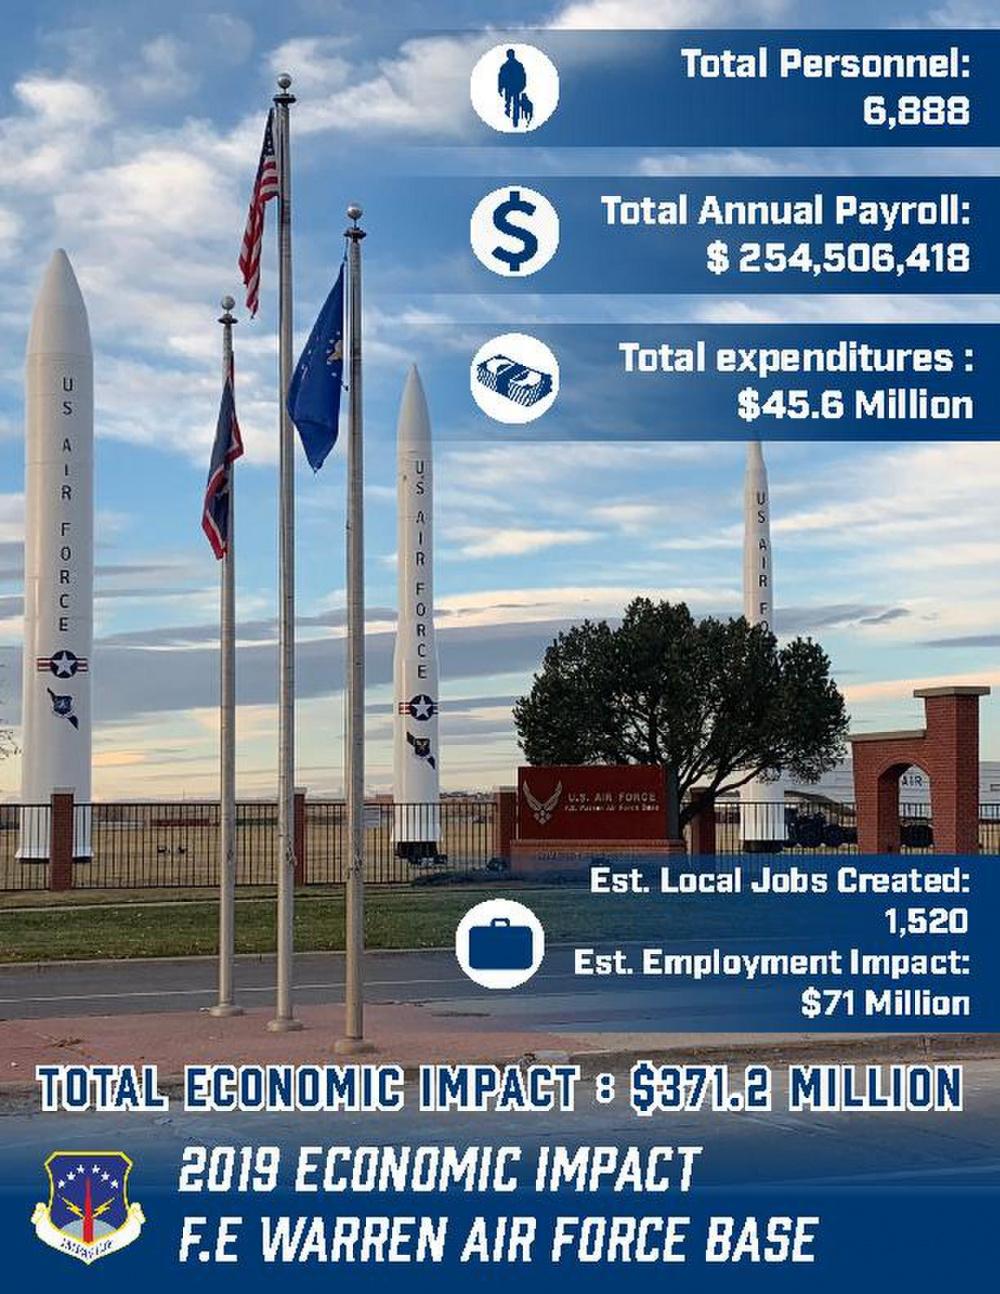 F. E. Warren Economic Impact 2018